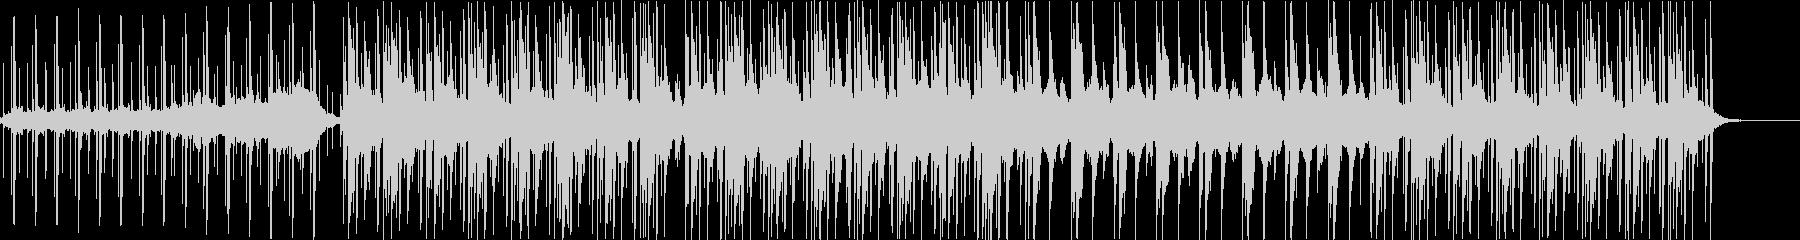 低音しっかり浮遊感のあるエレクトロの未再生の波形